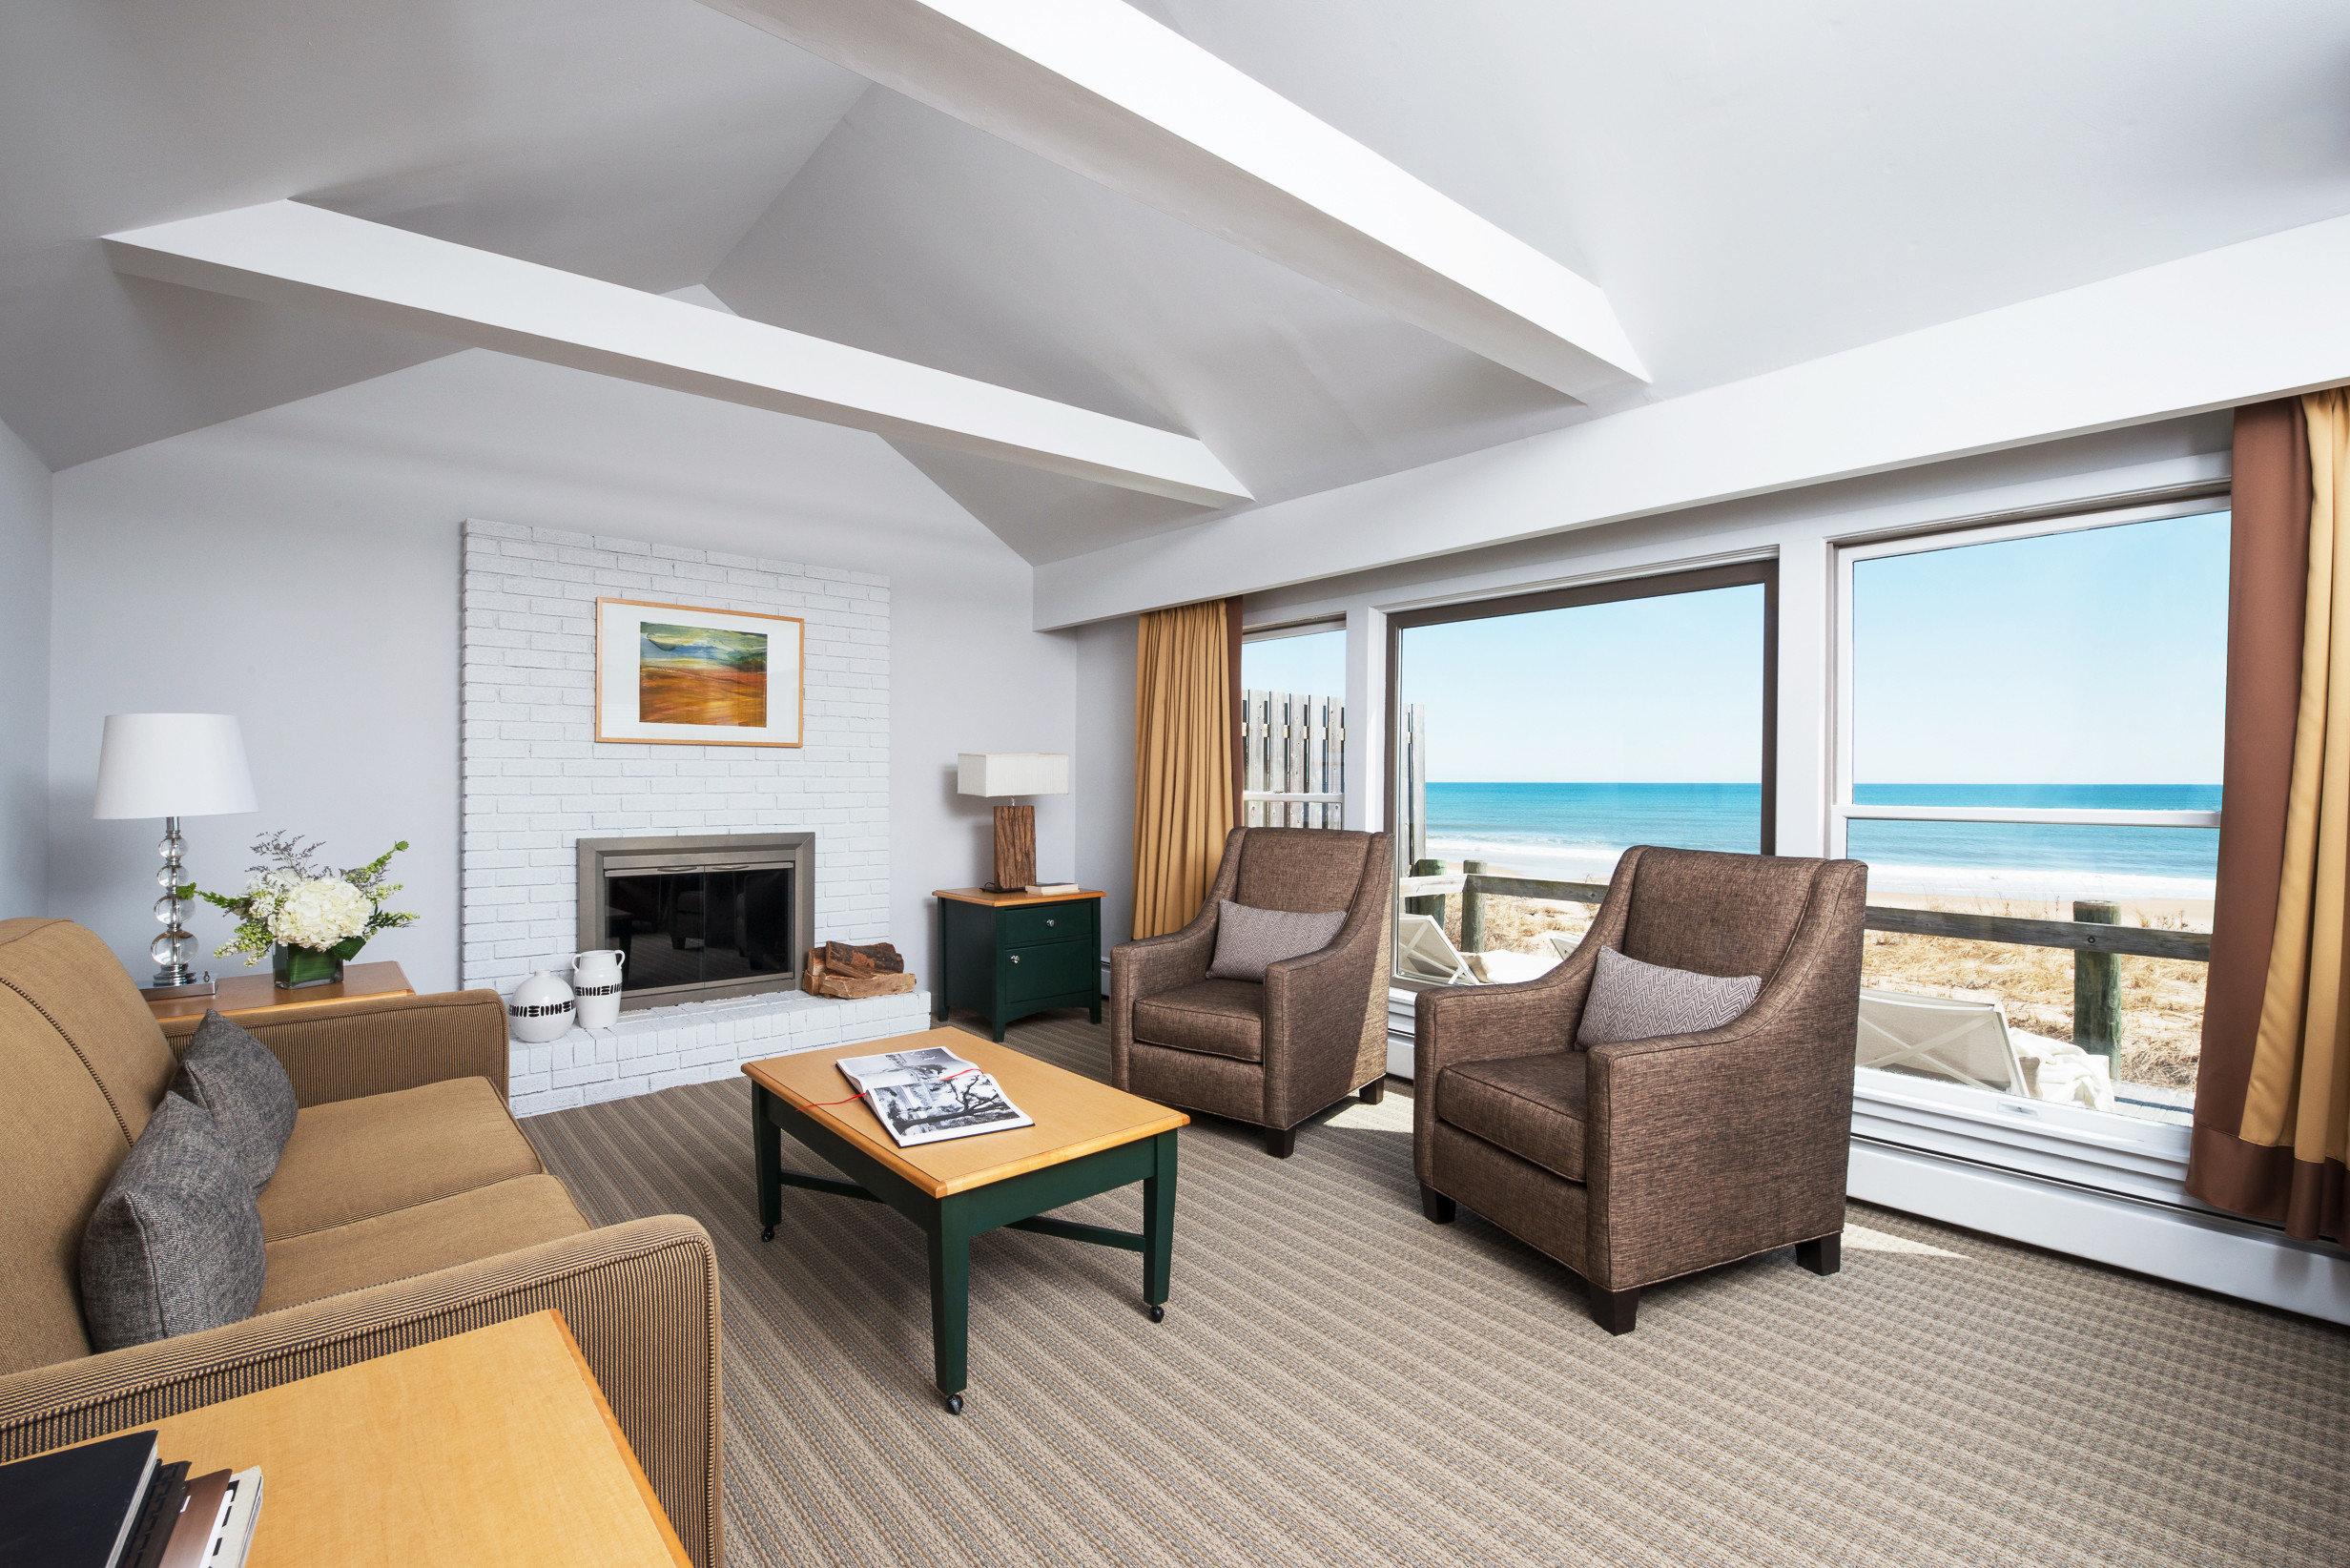 Resort Trip Ideas sofa property condominium living room Suite home Villa cottage